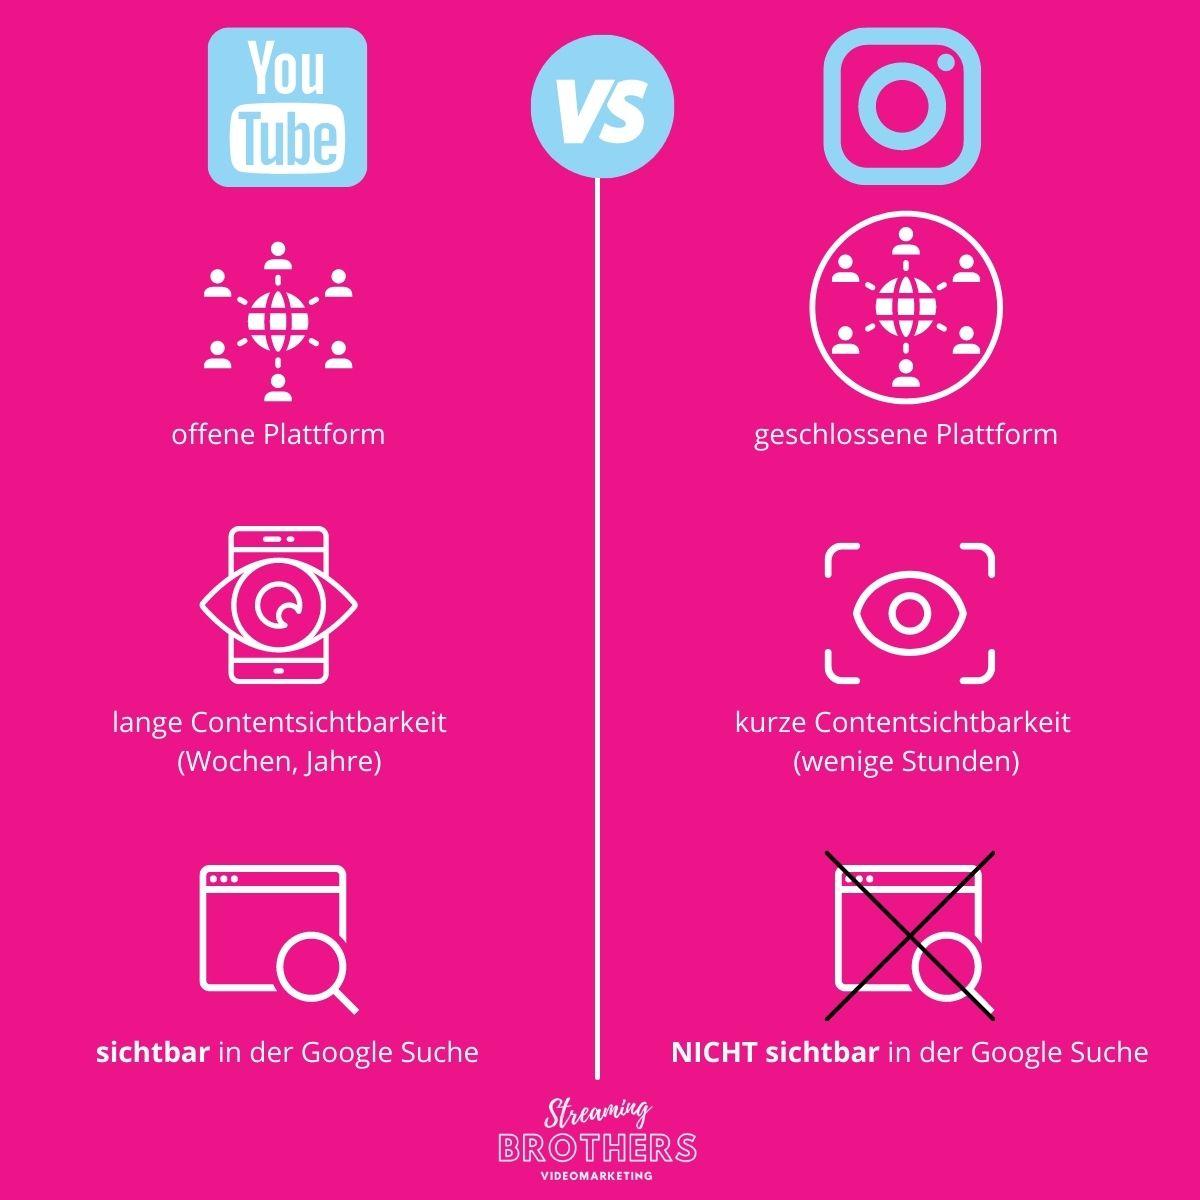 YouTube vs. Instagram - Darum ist Instagram keine Alternative!